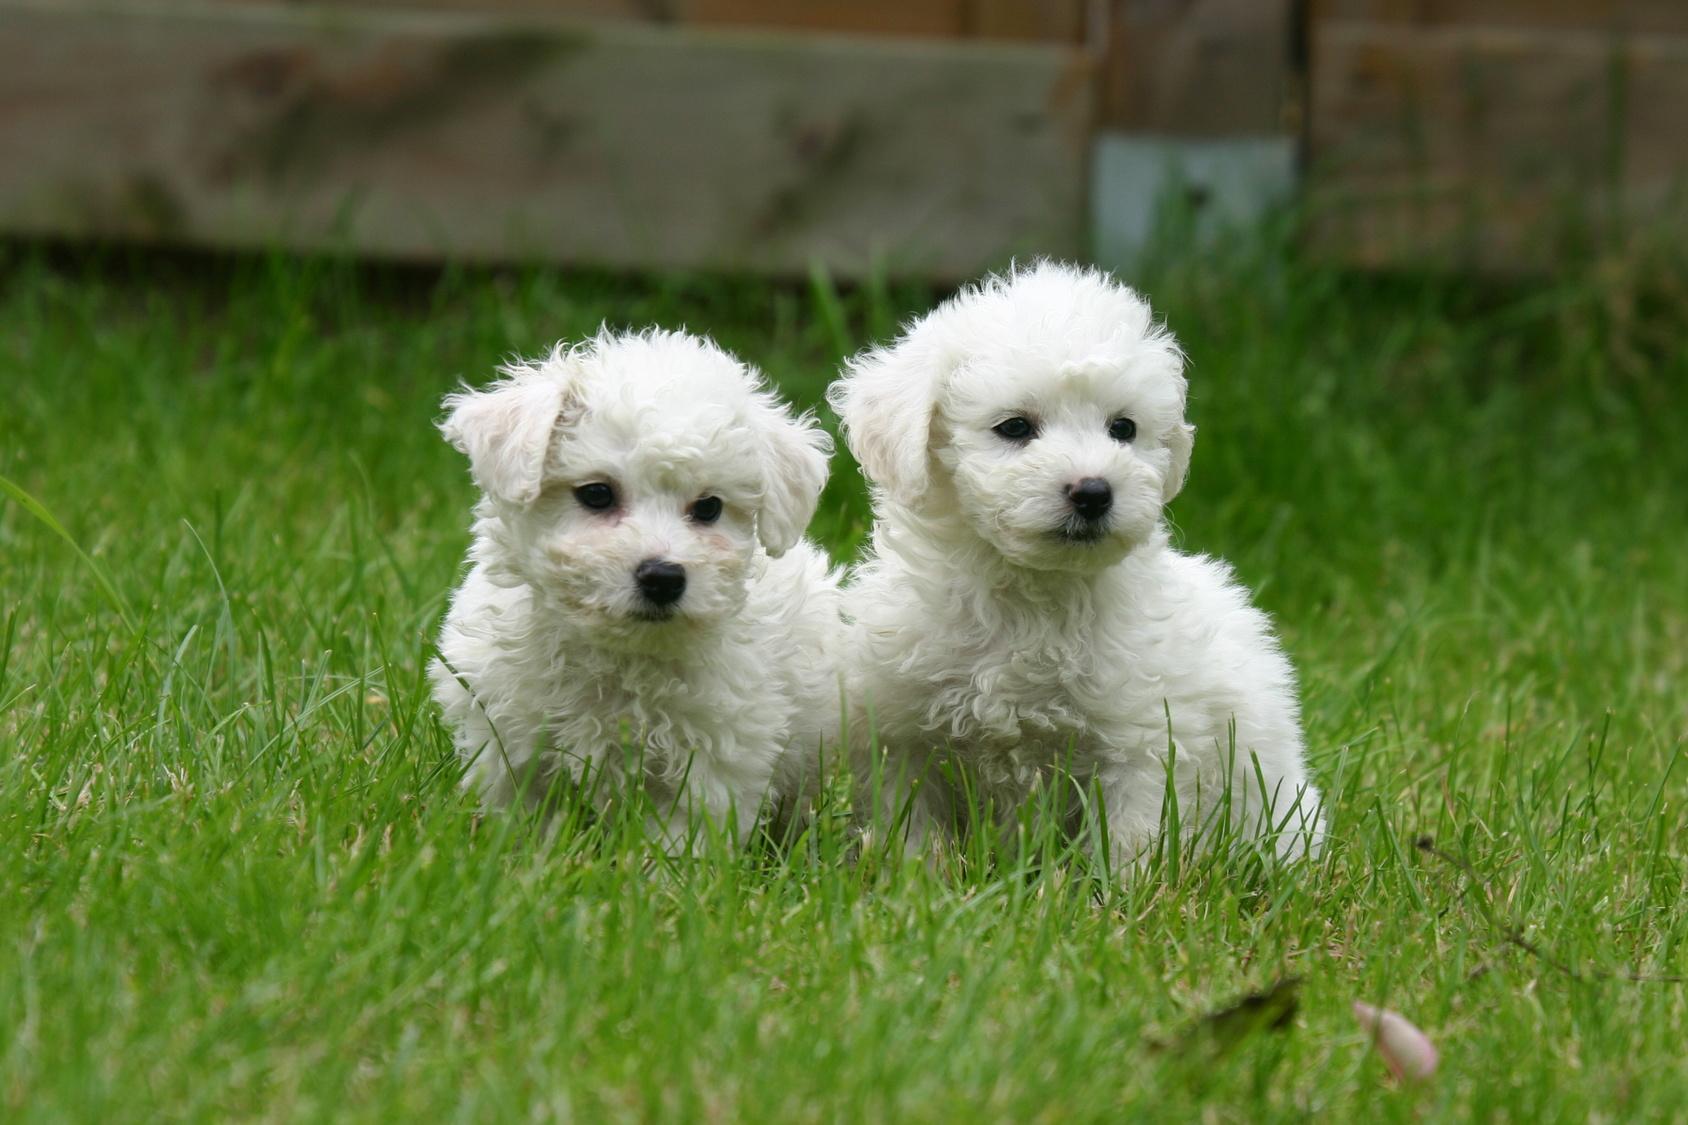 due cuccioli di bichon frisé